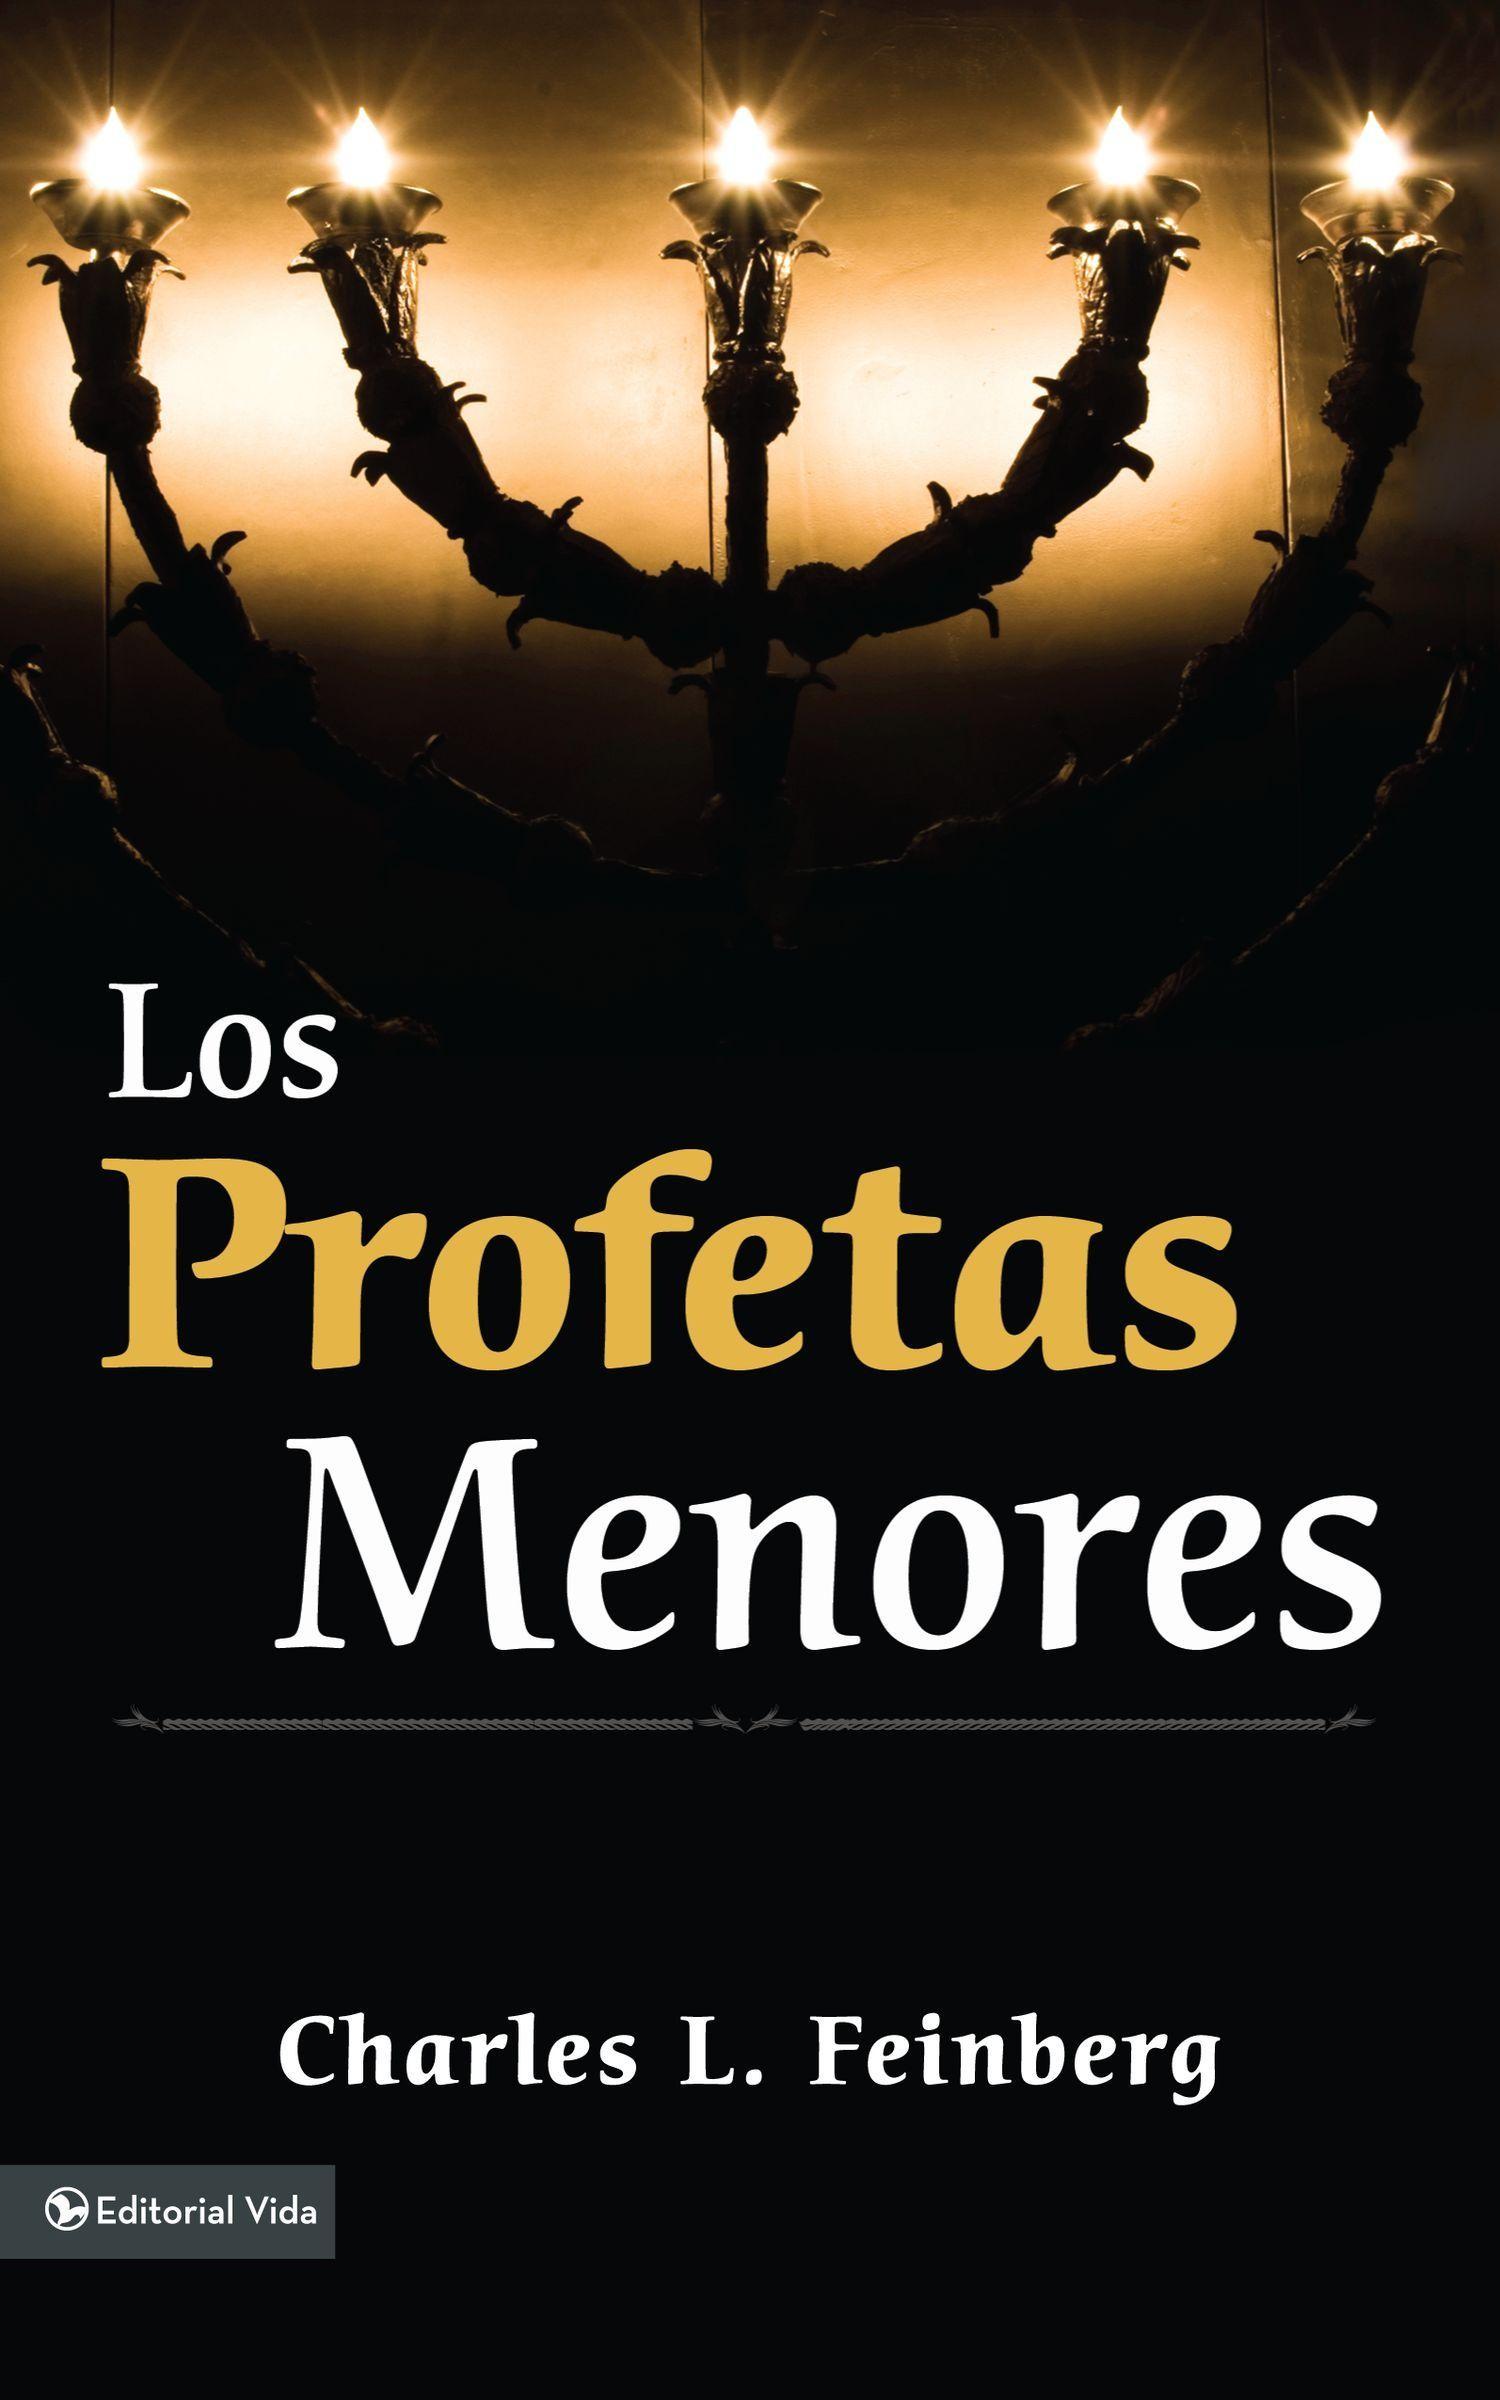 Profetas Menores - 9780829710885 - Feinberg, Charles